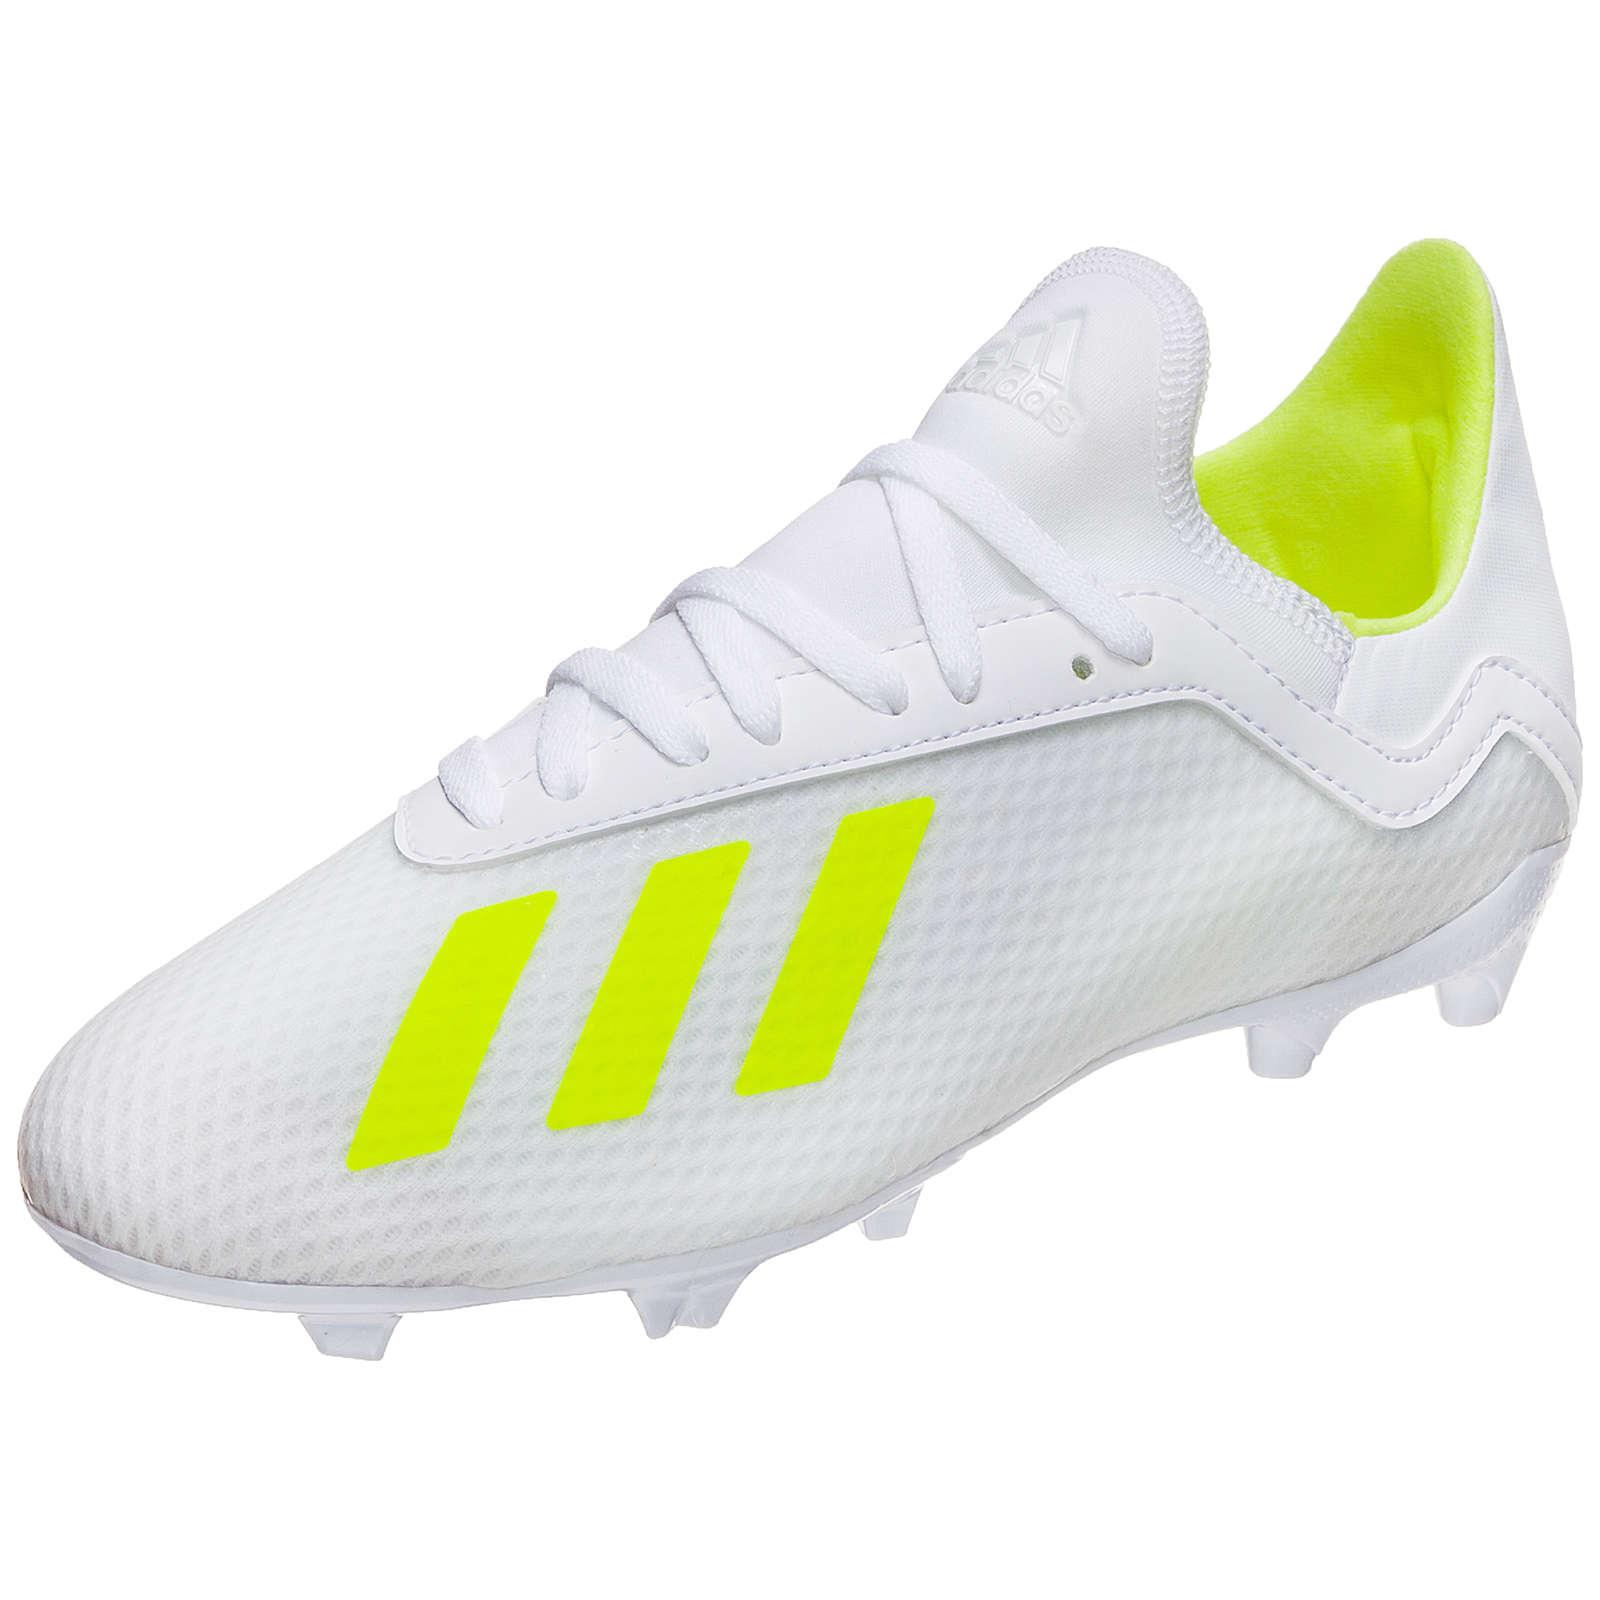 adidas Performance X 18.3 FG Fußballschuh Kinder weiß Gr. 32